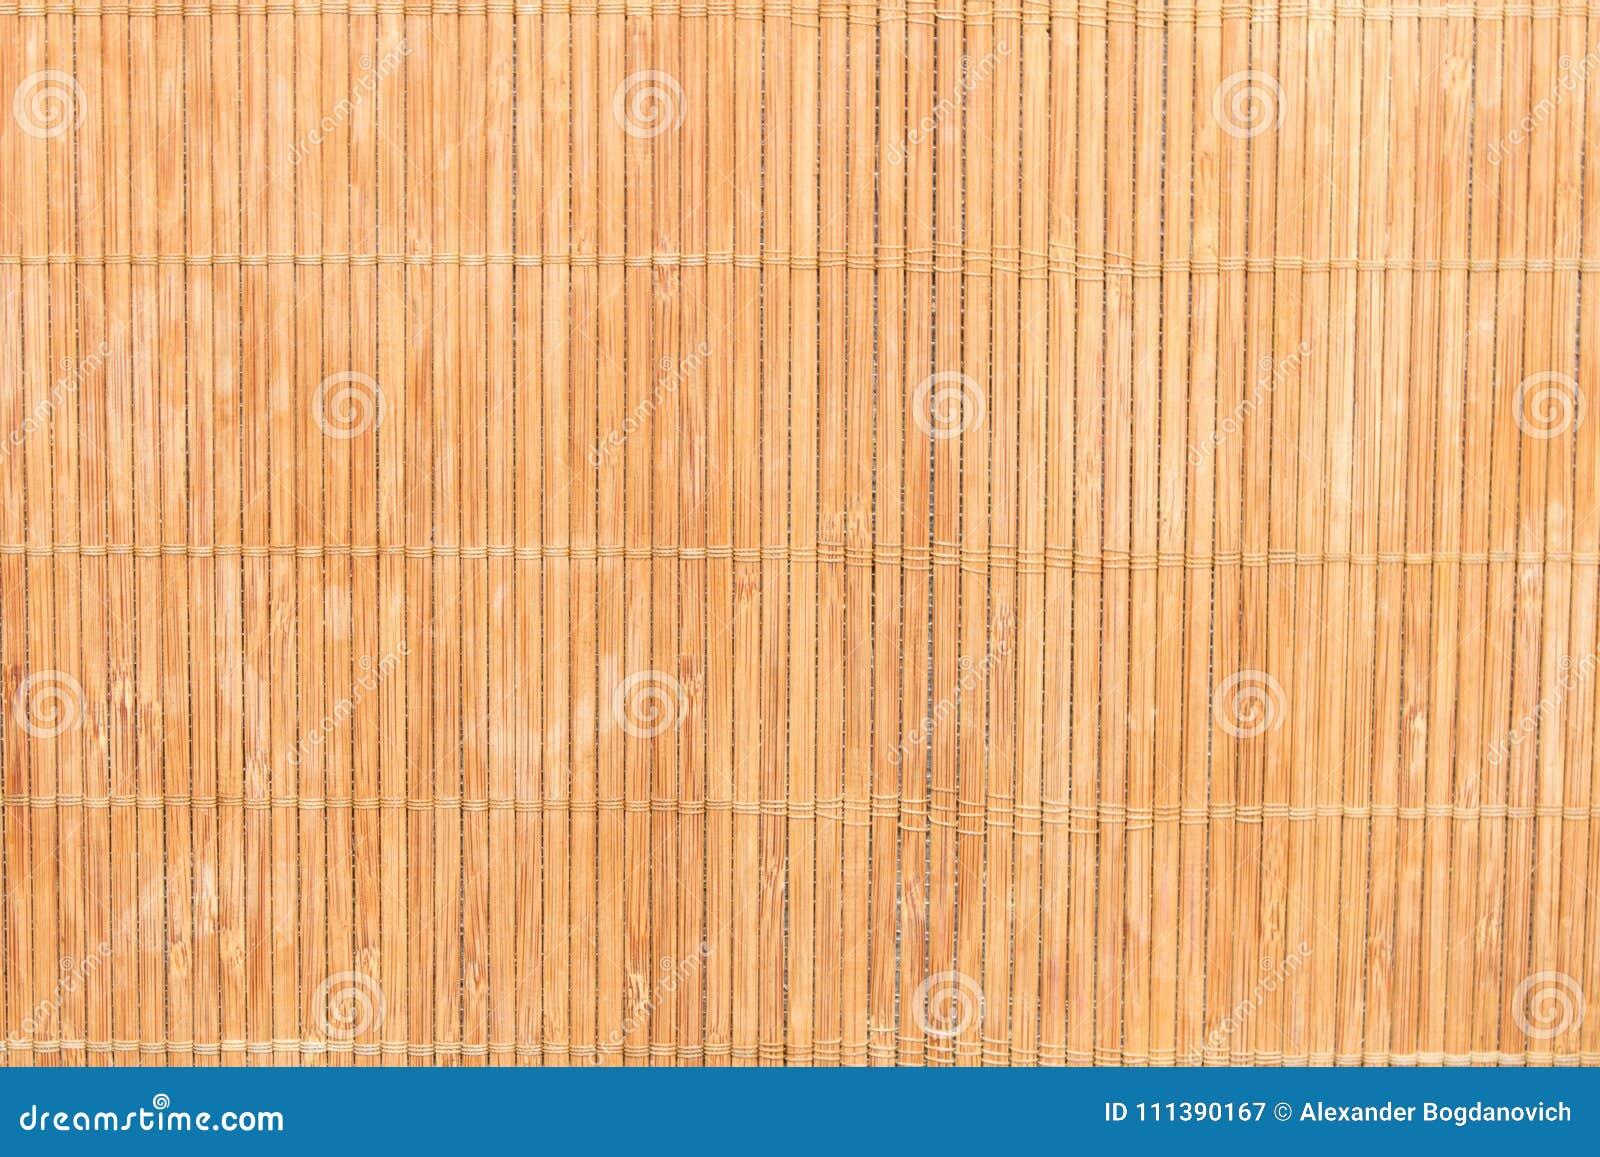 Struttura del tovagliolo di bambù Sfondo naturale di bambù